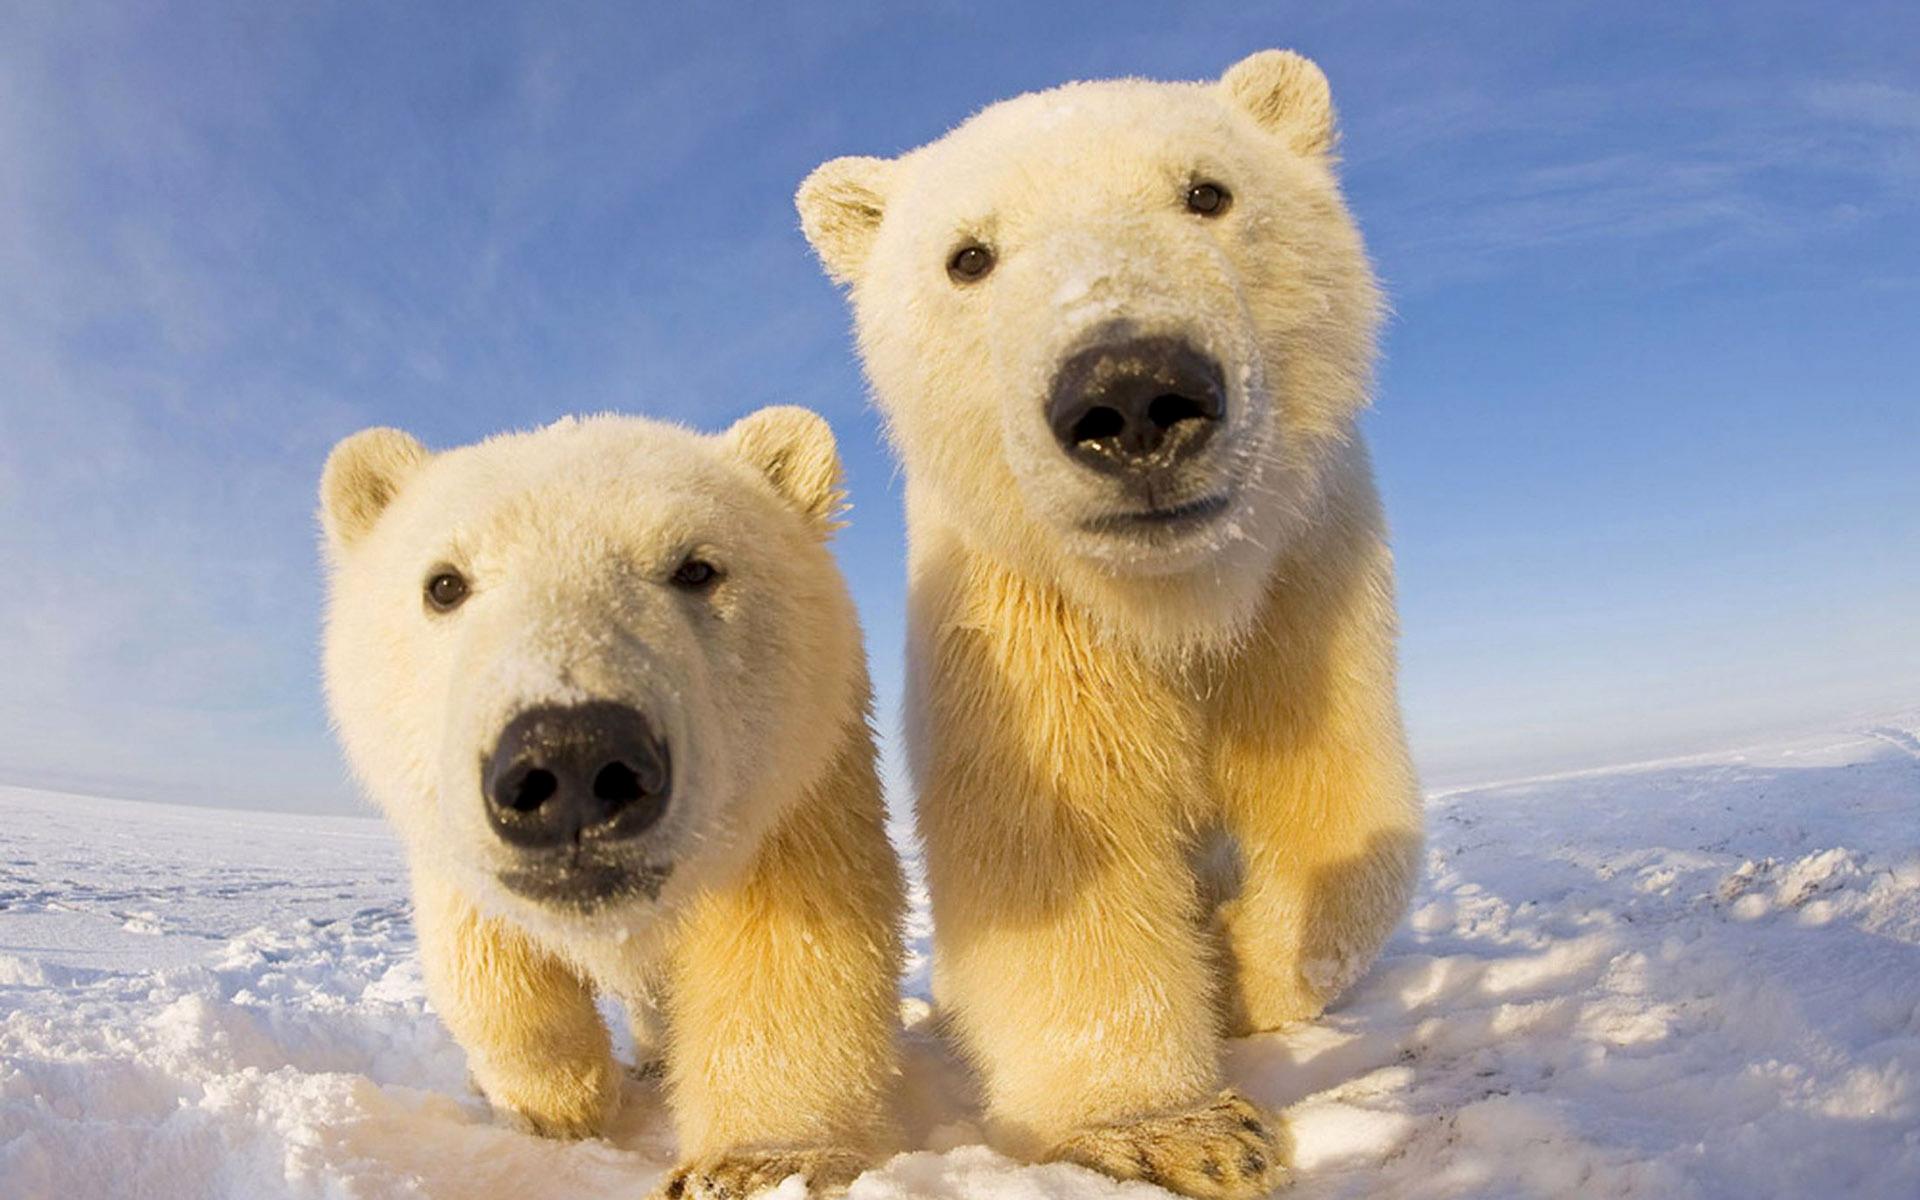 Картинка: Медведь, белый, пара, снег